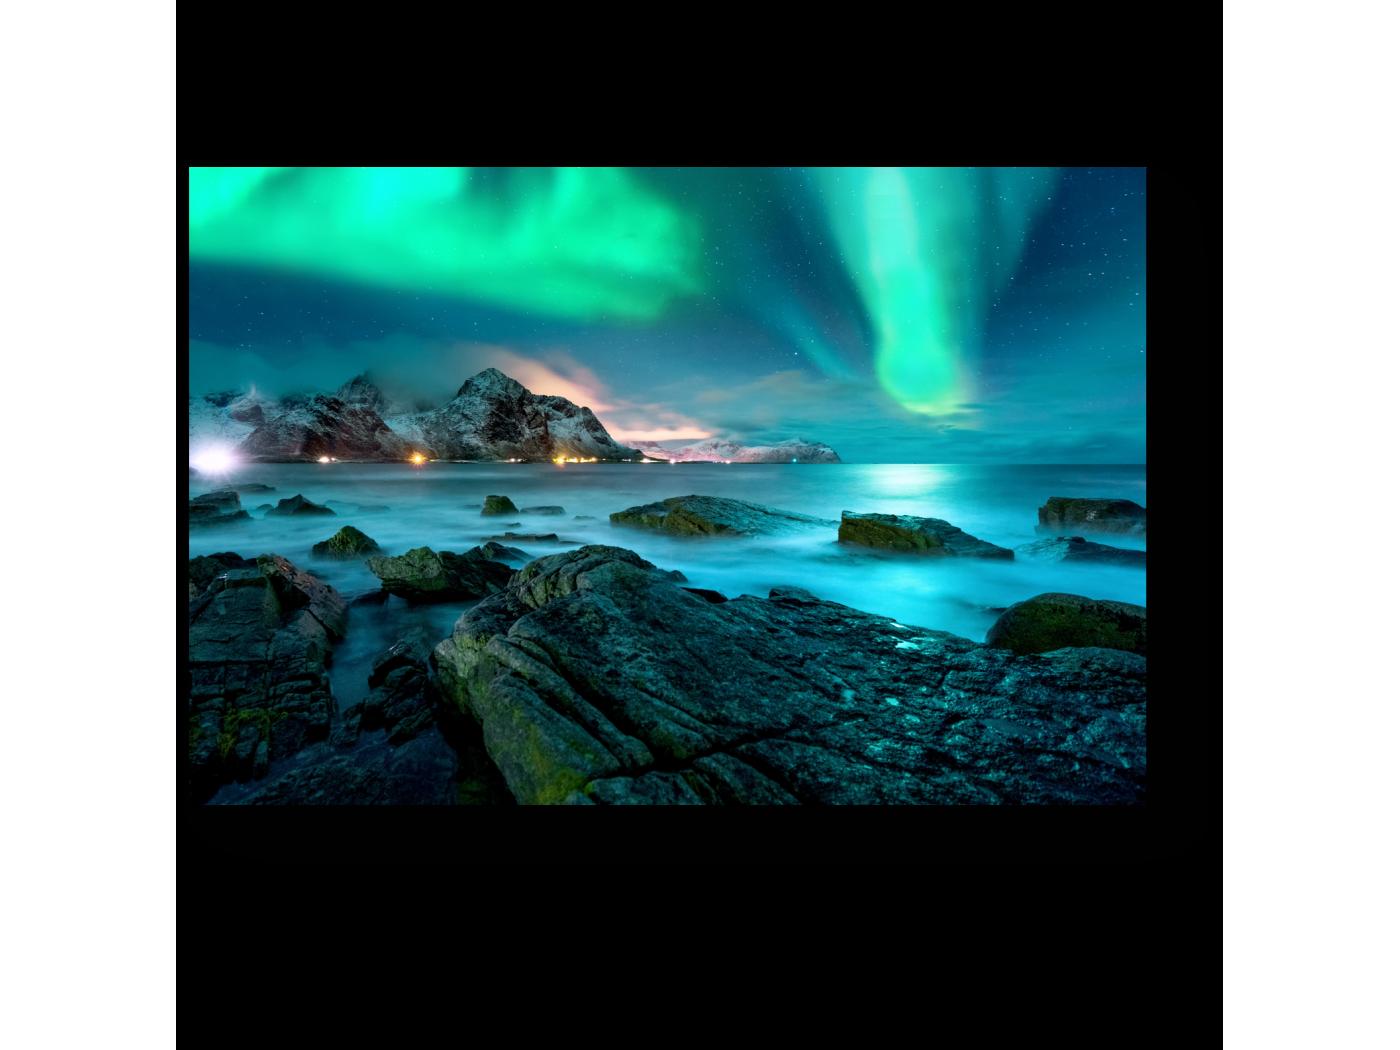 Модульная картина Лазурный свет (30x20) фото